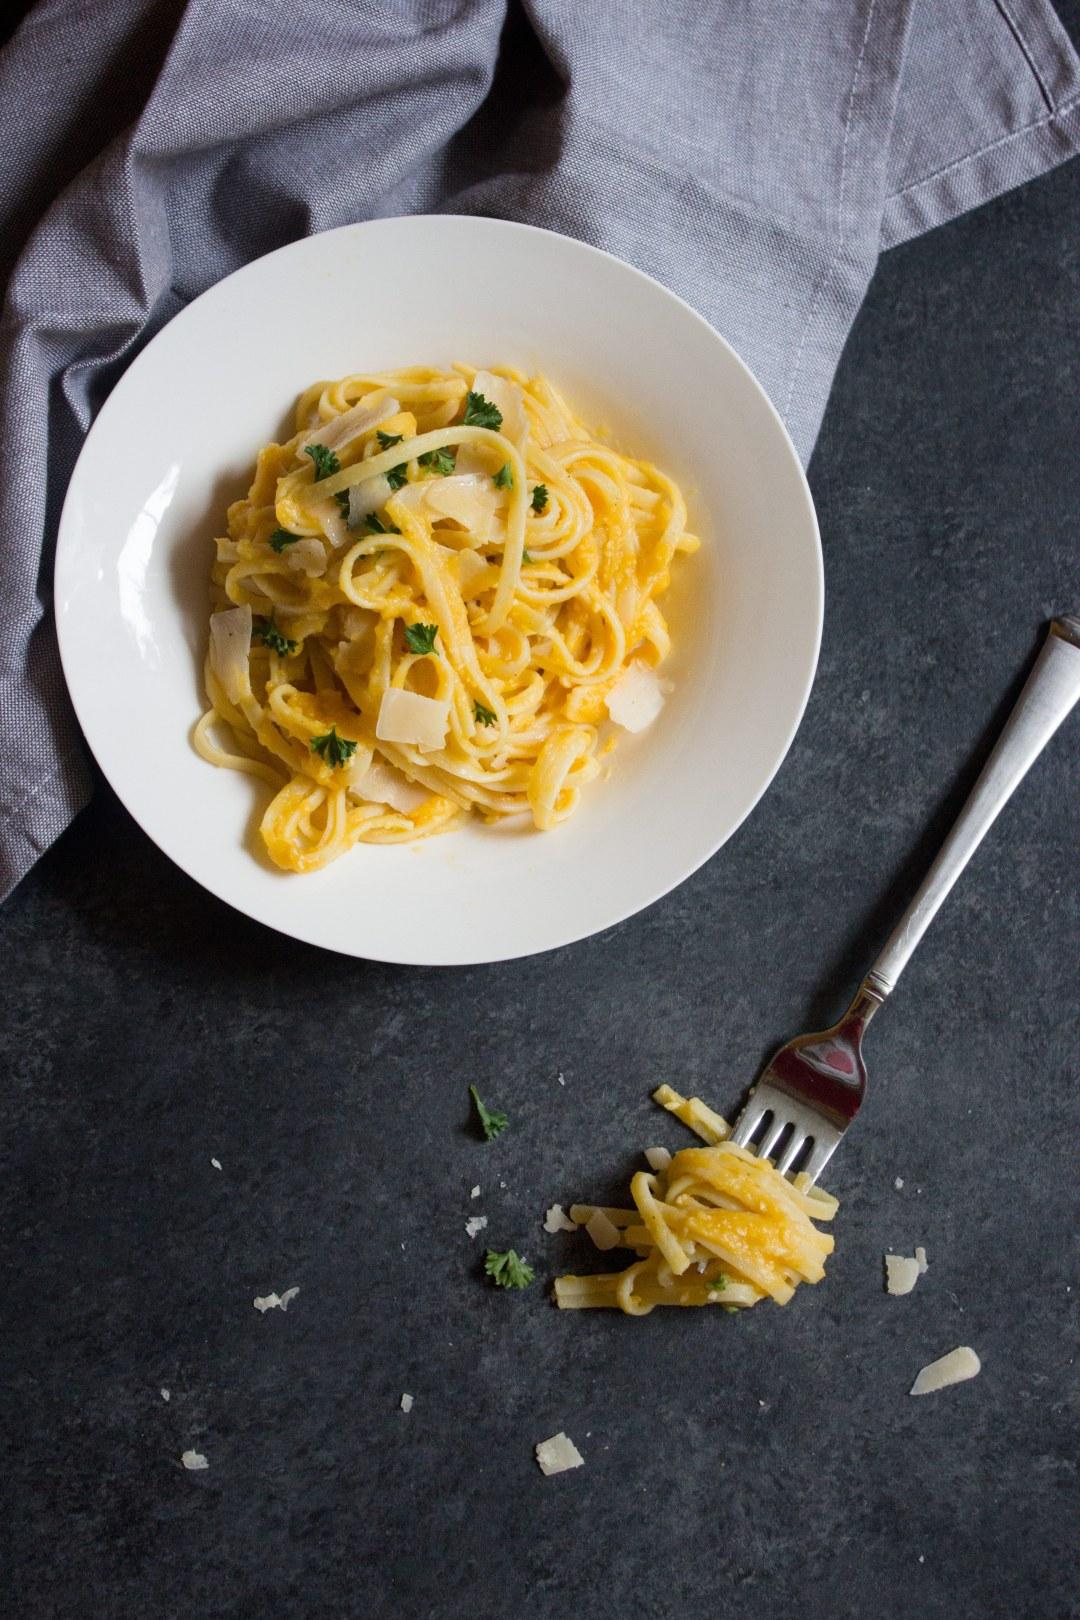 Butternut Squash Pasta Sauce, Butternut Squash, Pasta Sauce, Butternut squash recipe, pasta sauce recipe, Pasta recipe, Butternut recipe, butternut pasta sauce, butternut squash,